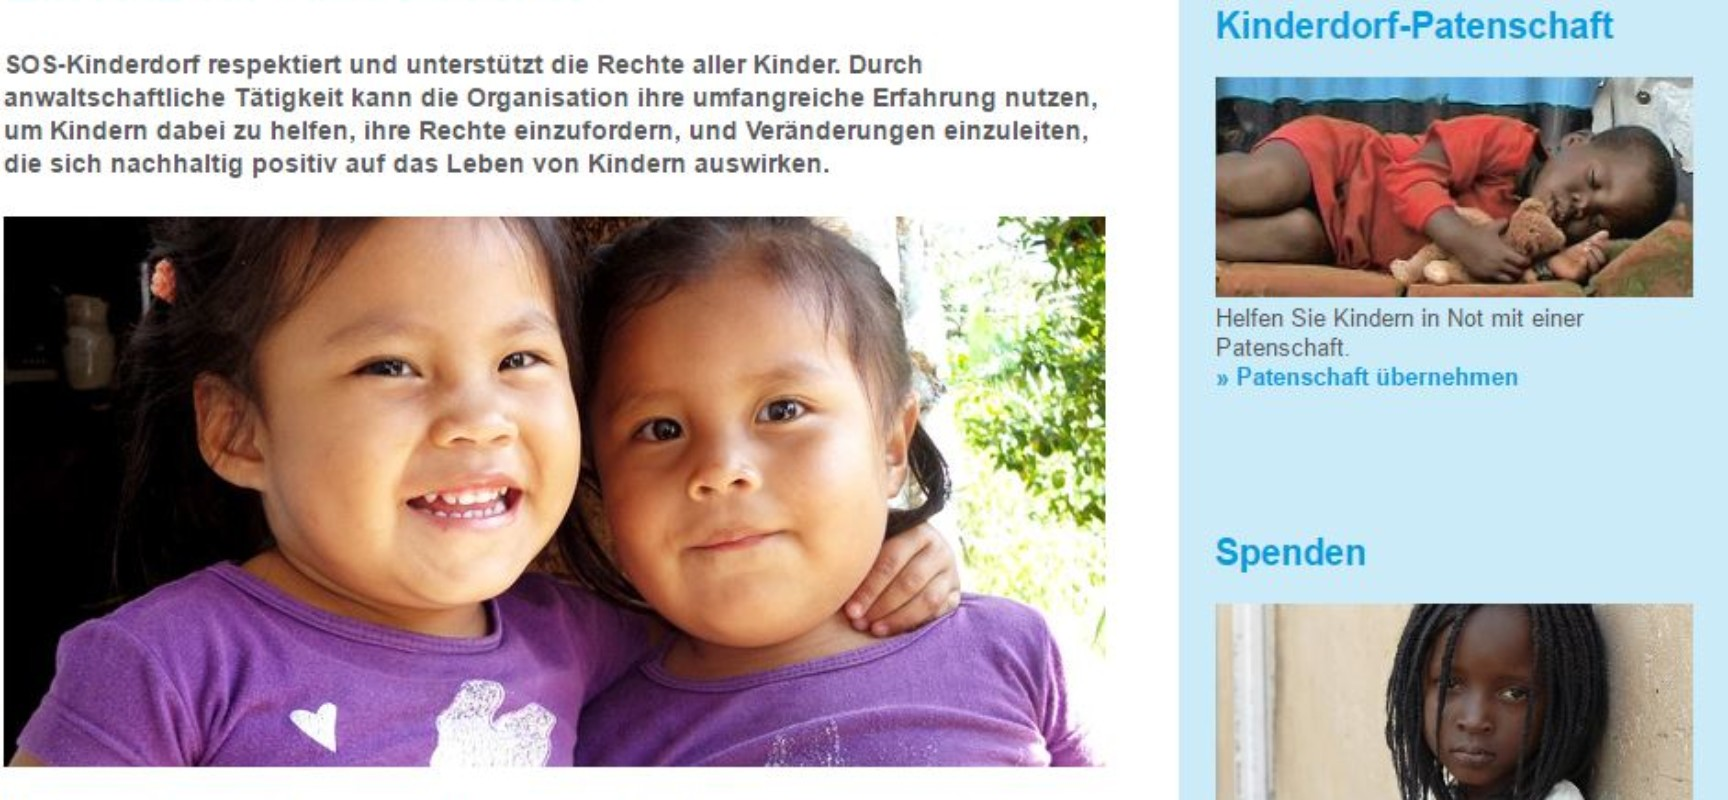 Kinder sind unsere Zukunft: